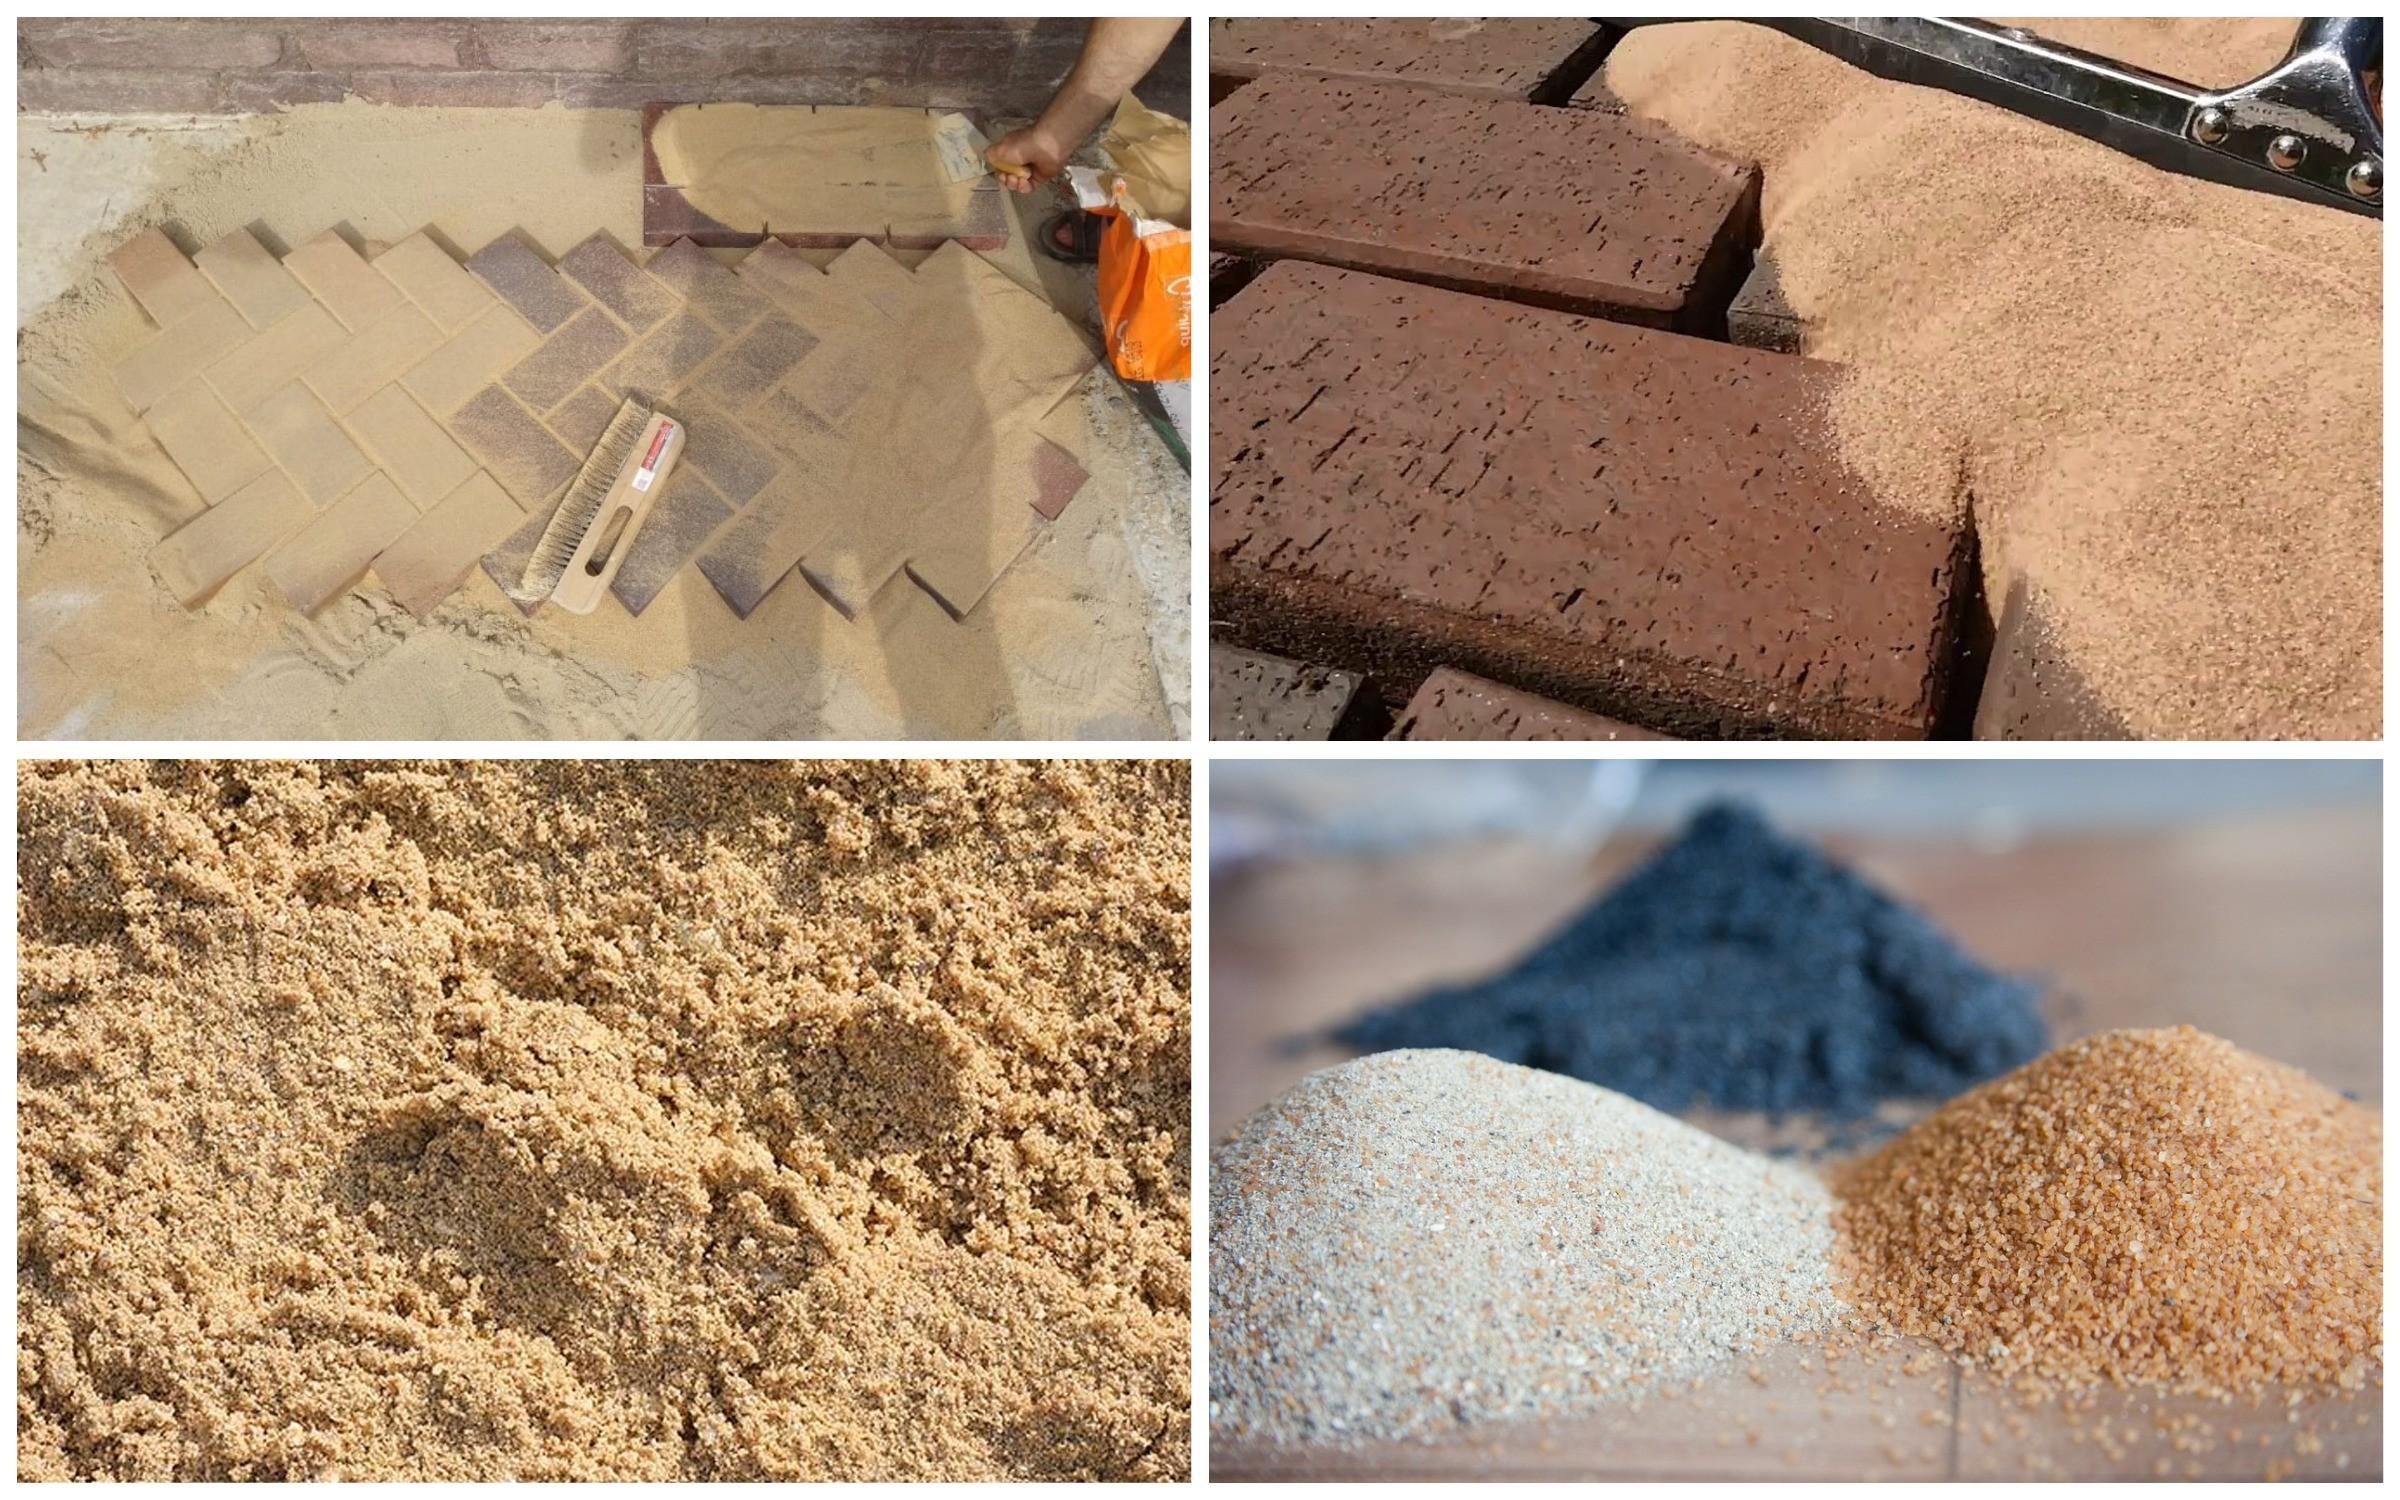 изображение использования песка для просыпки швов тротуарной плитки